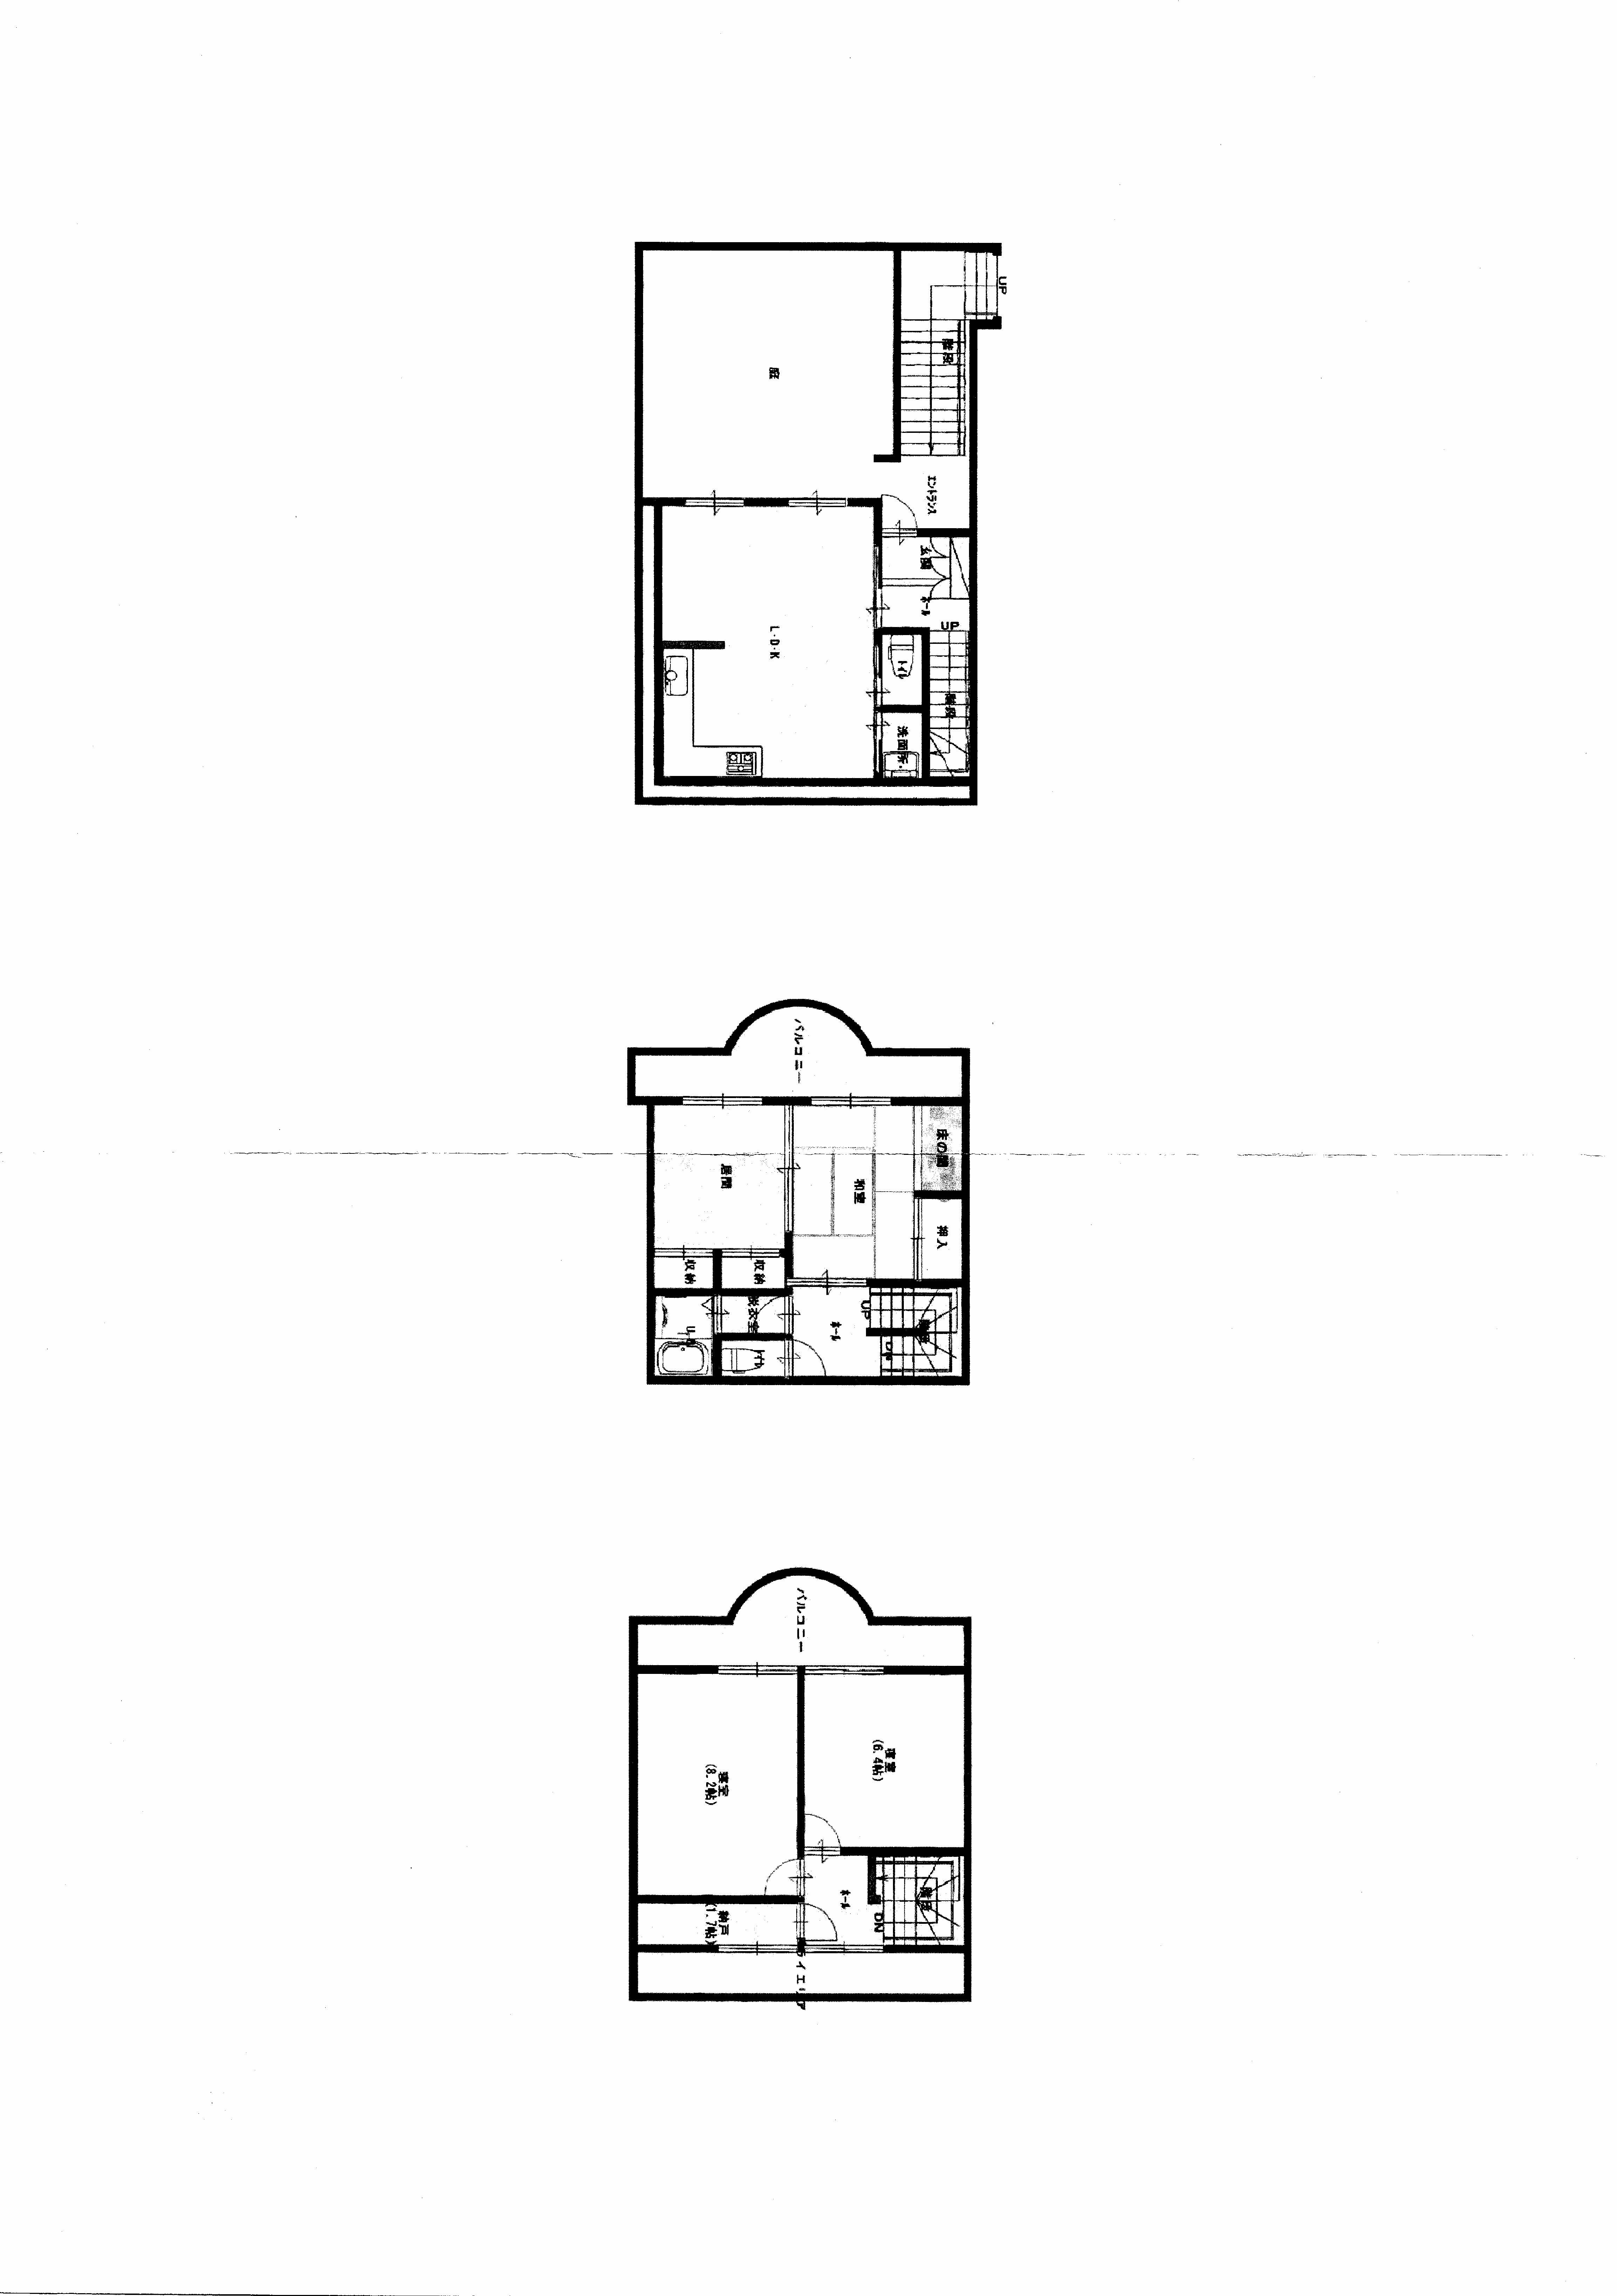 静岡県熱海市 西山ガーデン 4LDK 109.46㎡ タウンハウス3階建 1,000万円